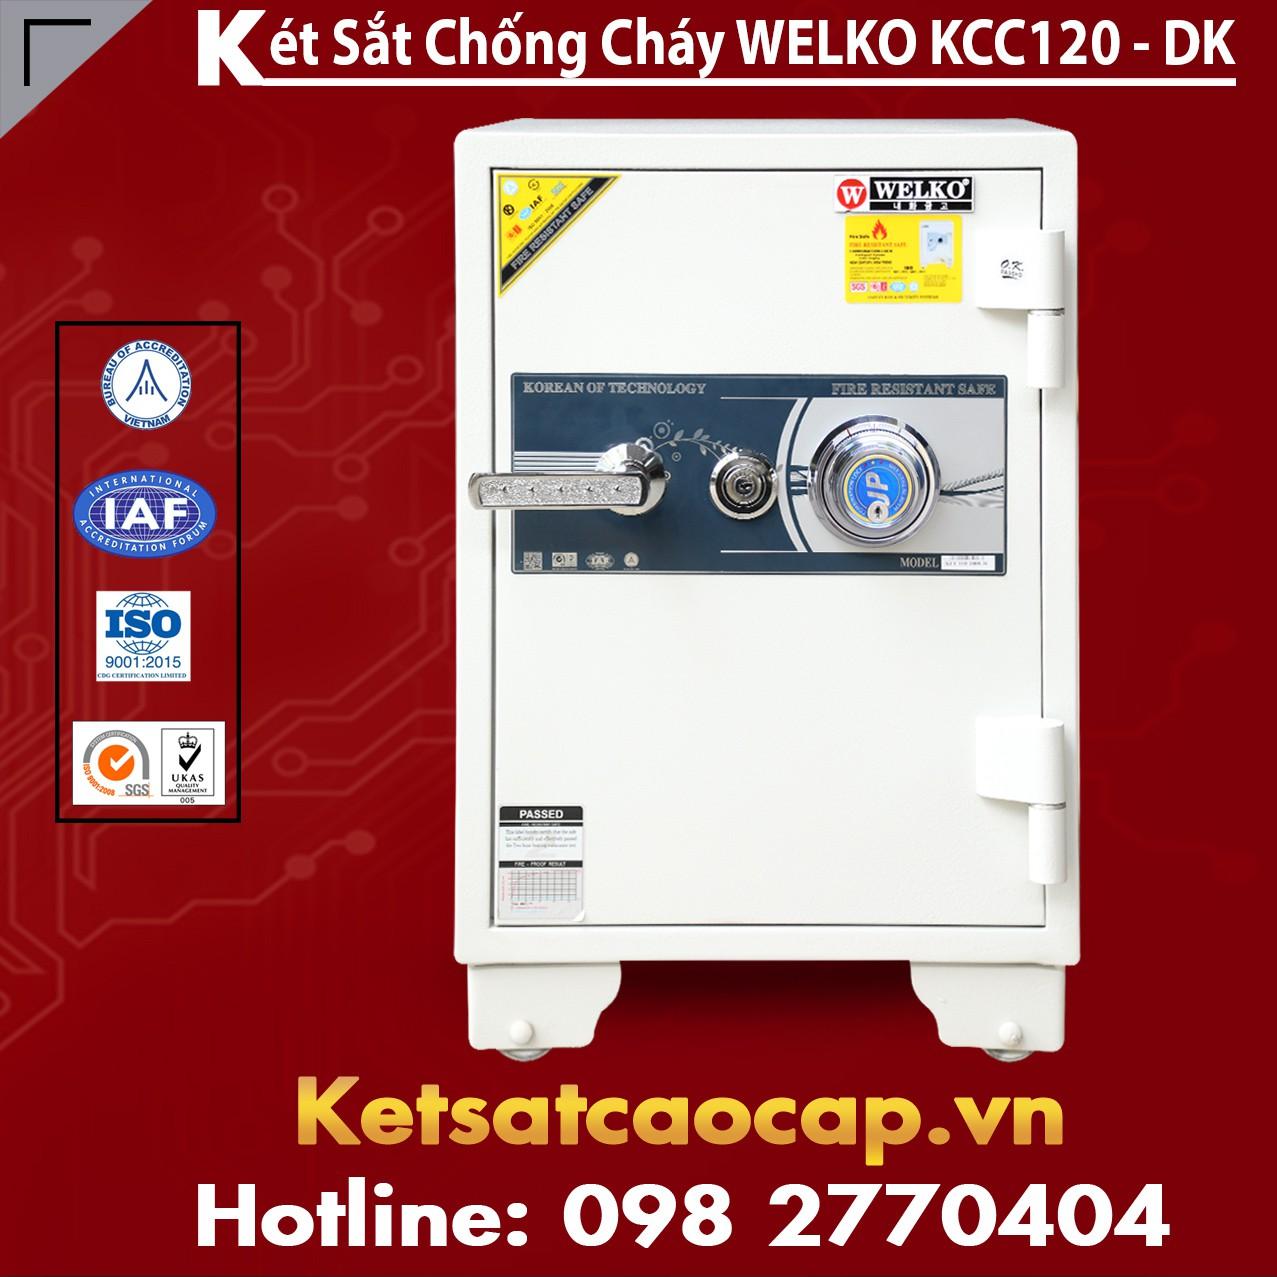 Két Sắt Sài Gòn KCC120 - DK